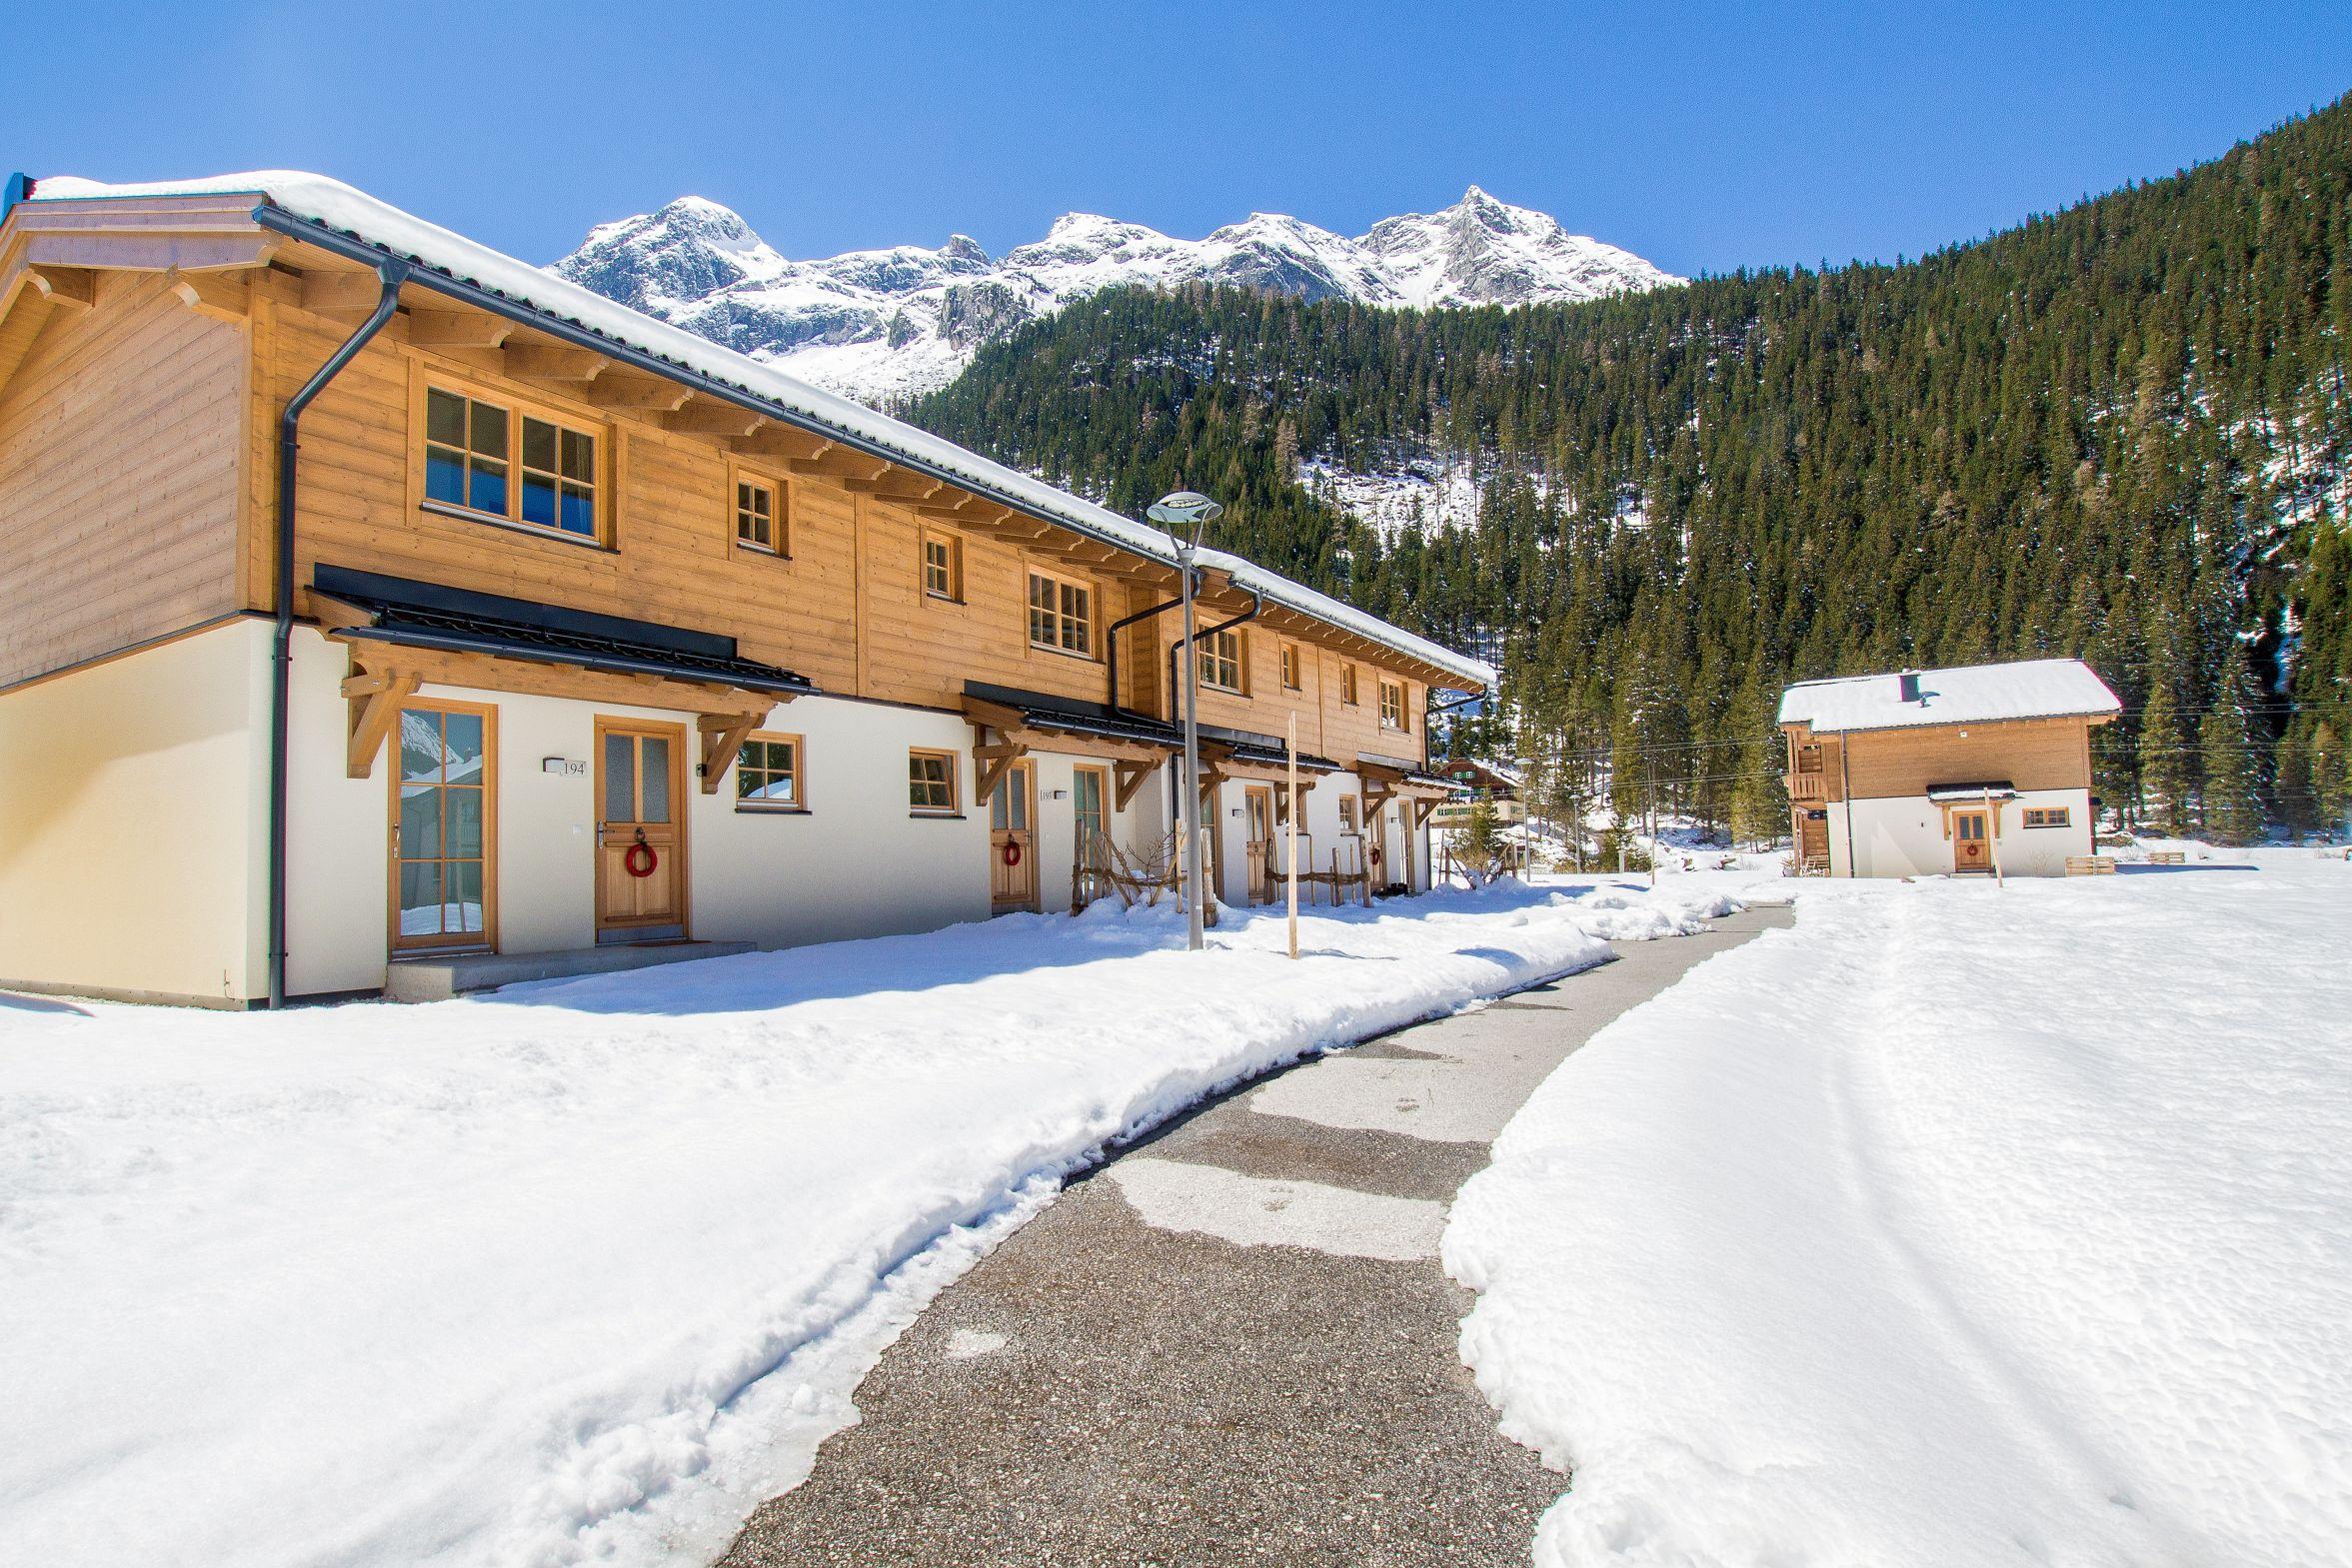 Maison de vacances Lodge Enzian direkt am Skilift (2050396), Uttendorf, Pinzgau, Salzbourg, Autriche, image 35